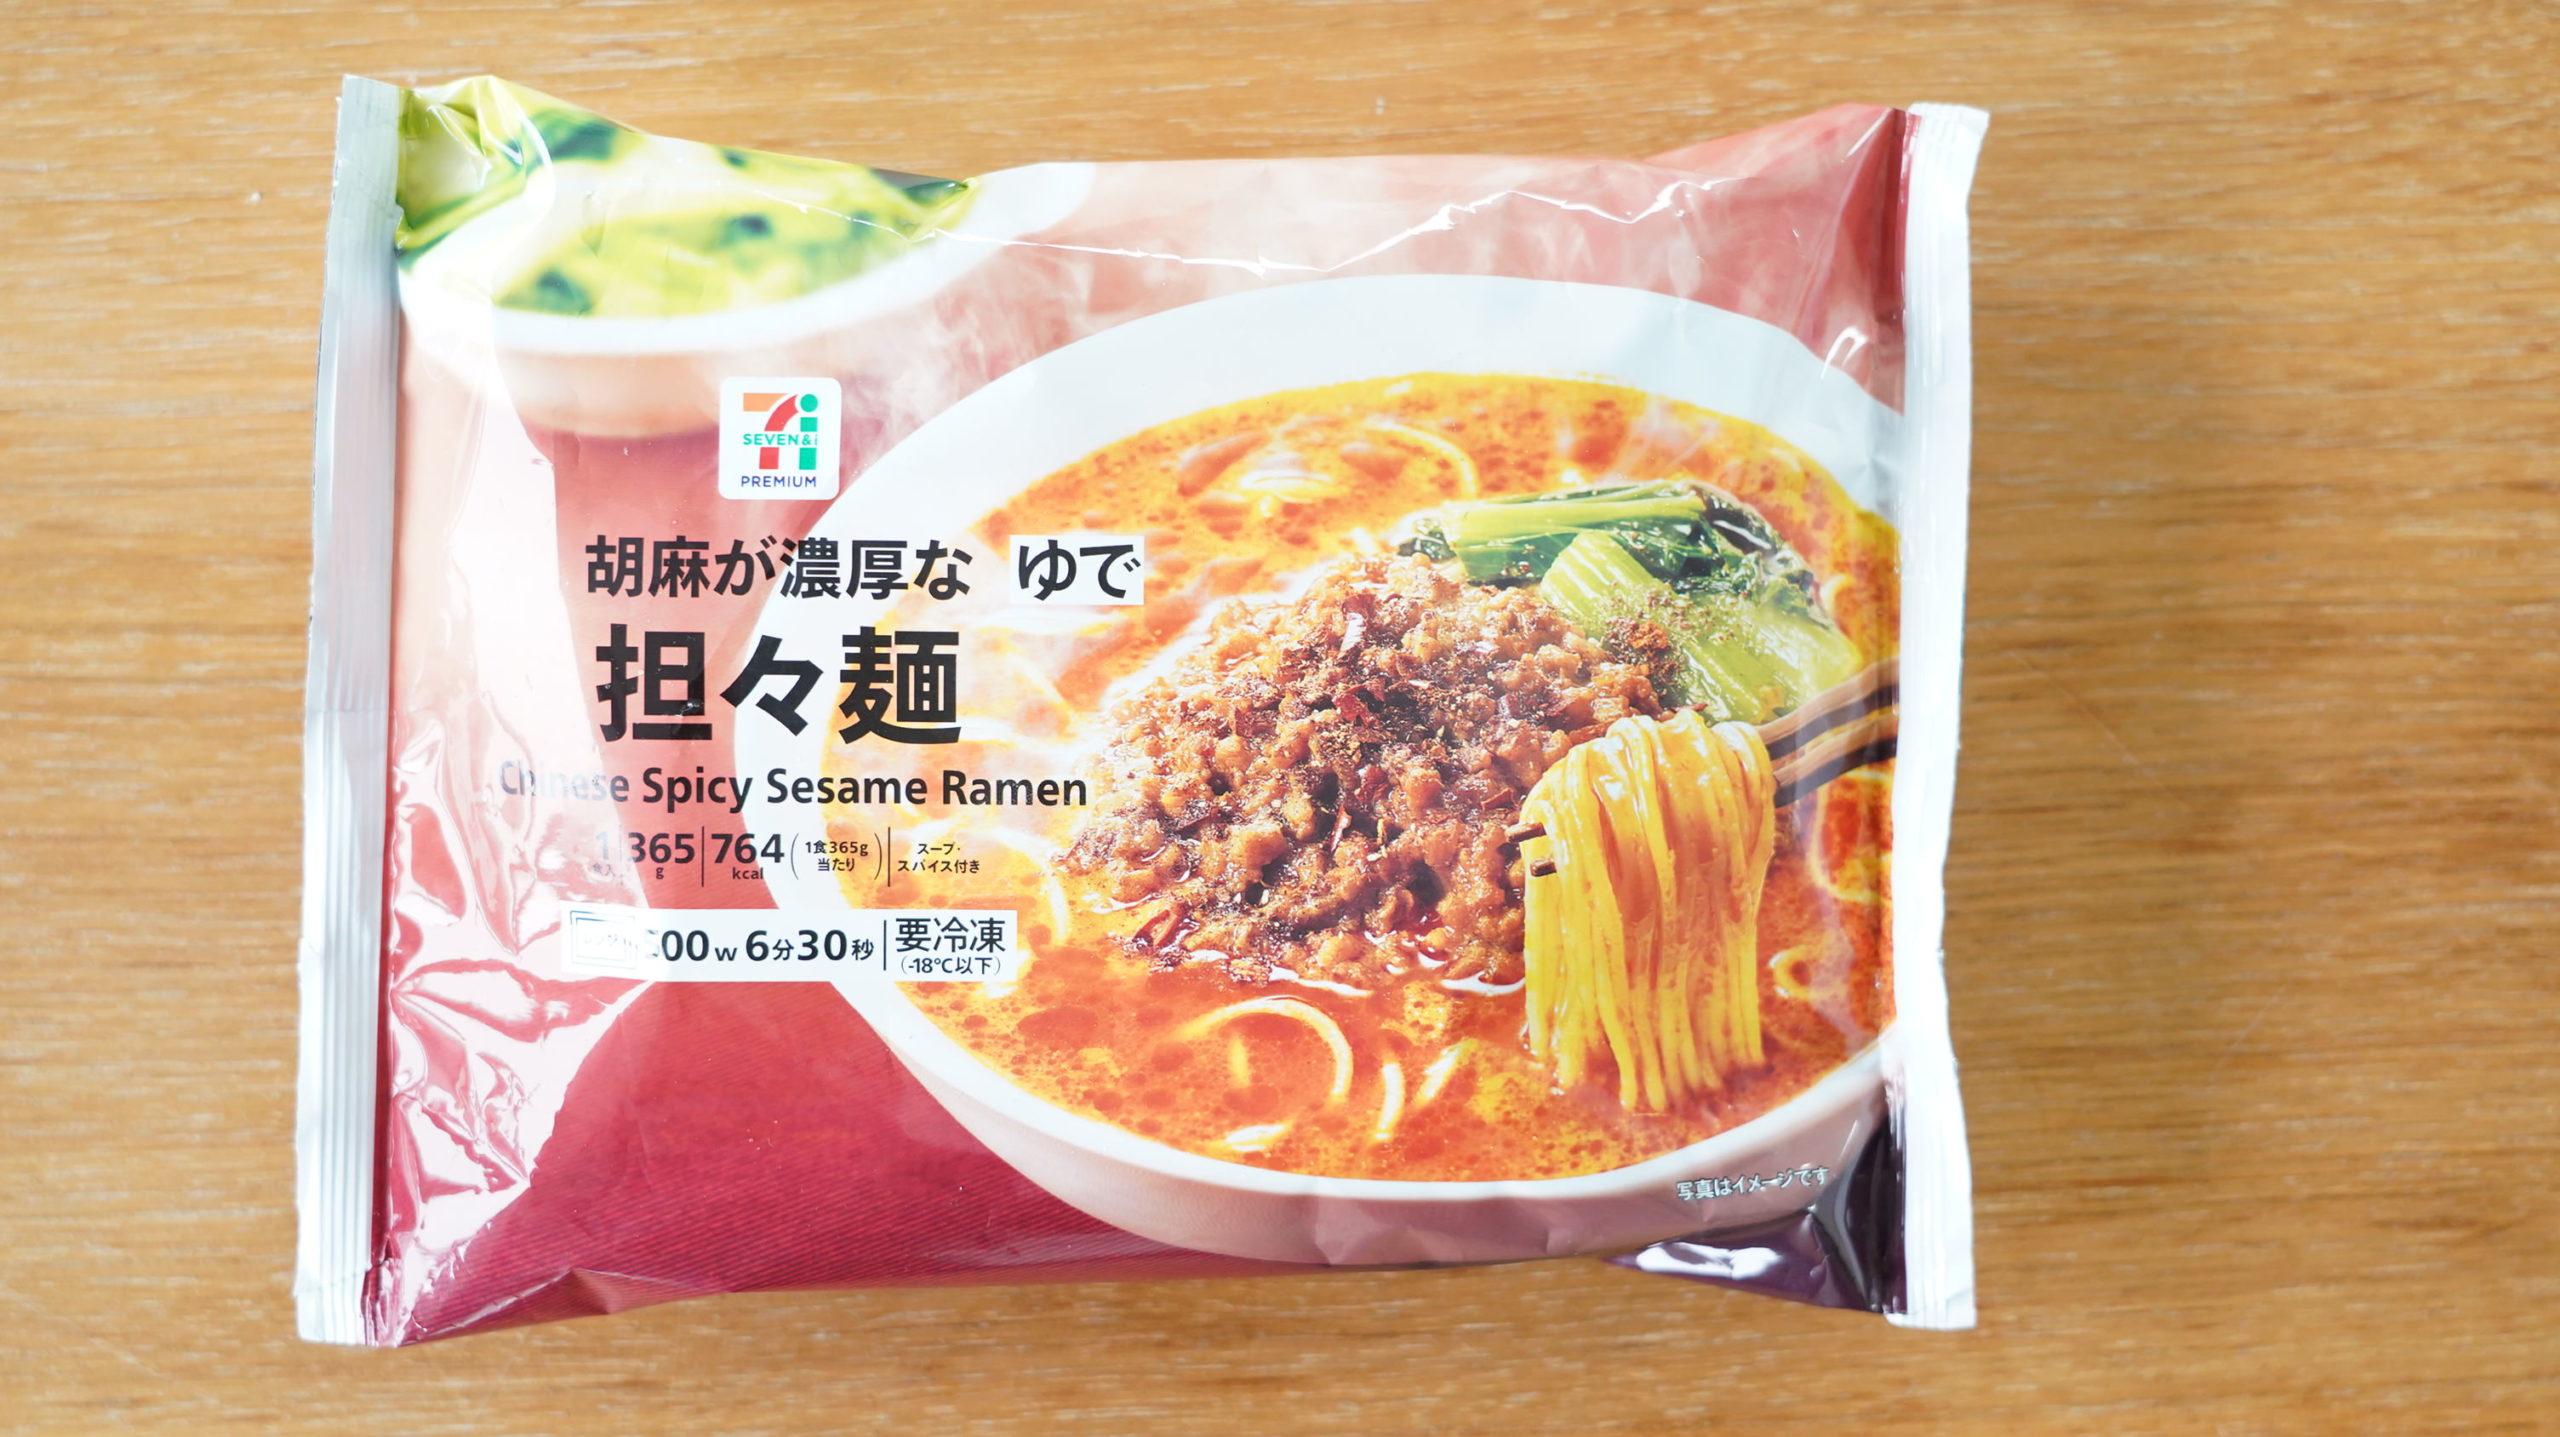 セブンイレブンの冷凍食品「胡麻が濃厚な坦々麺」のパッケージ写真